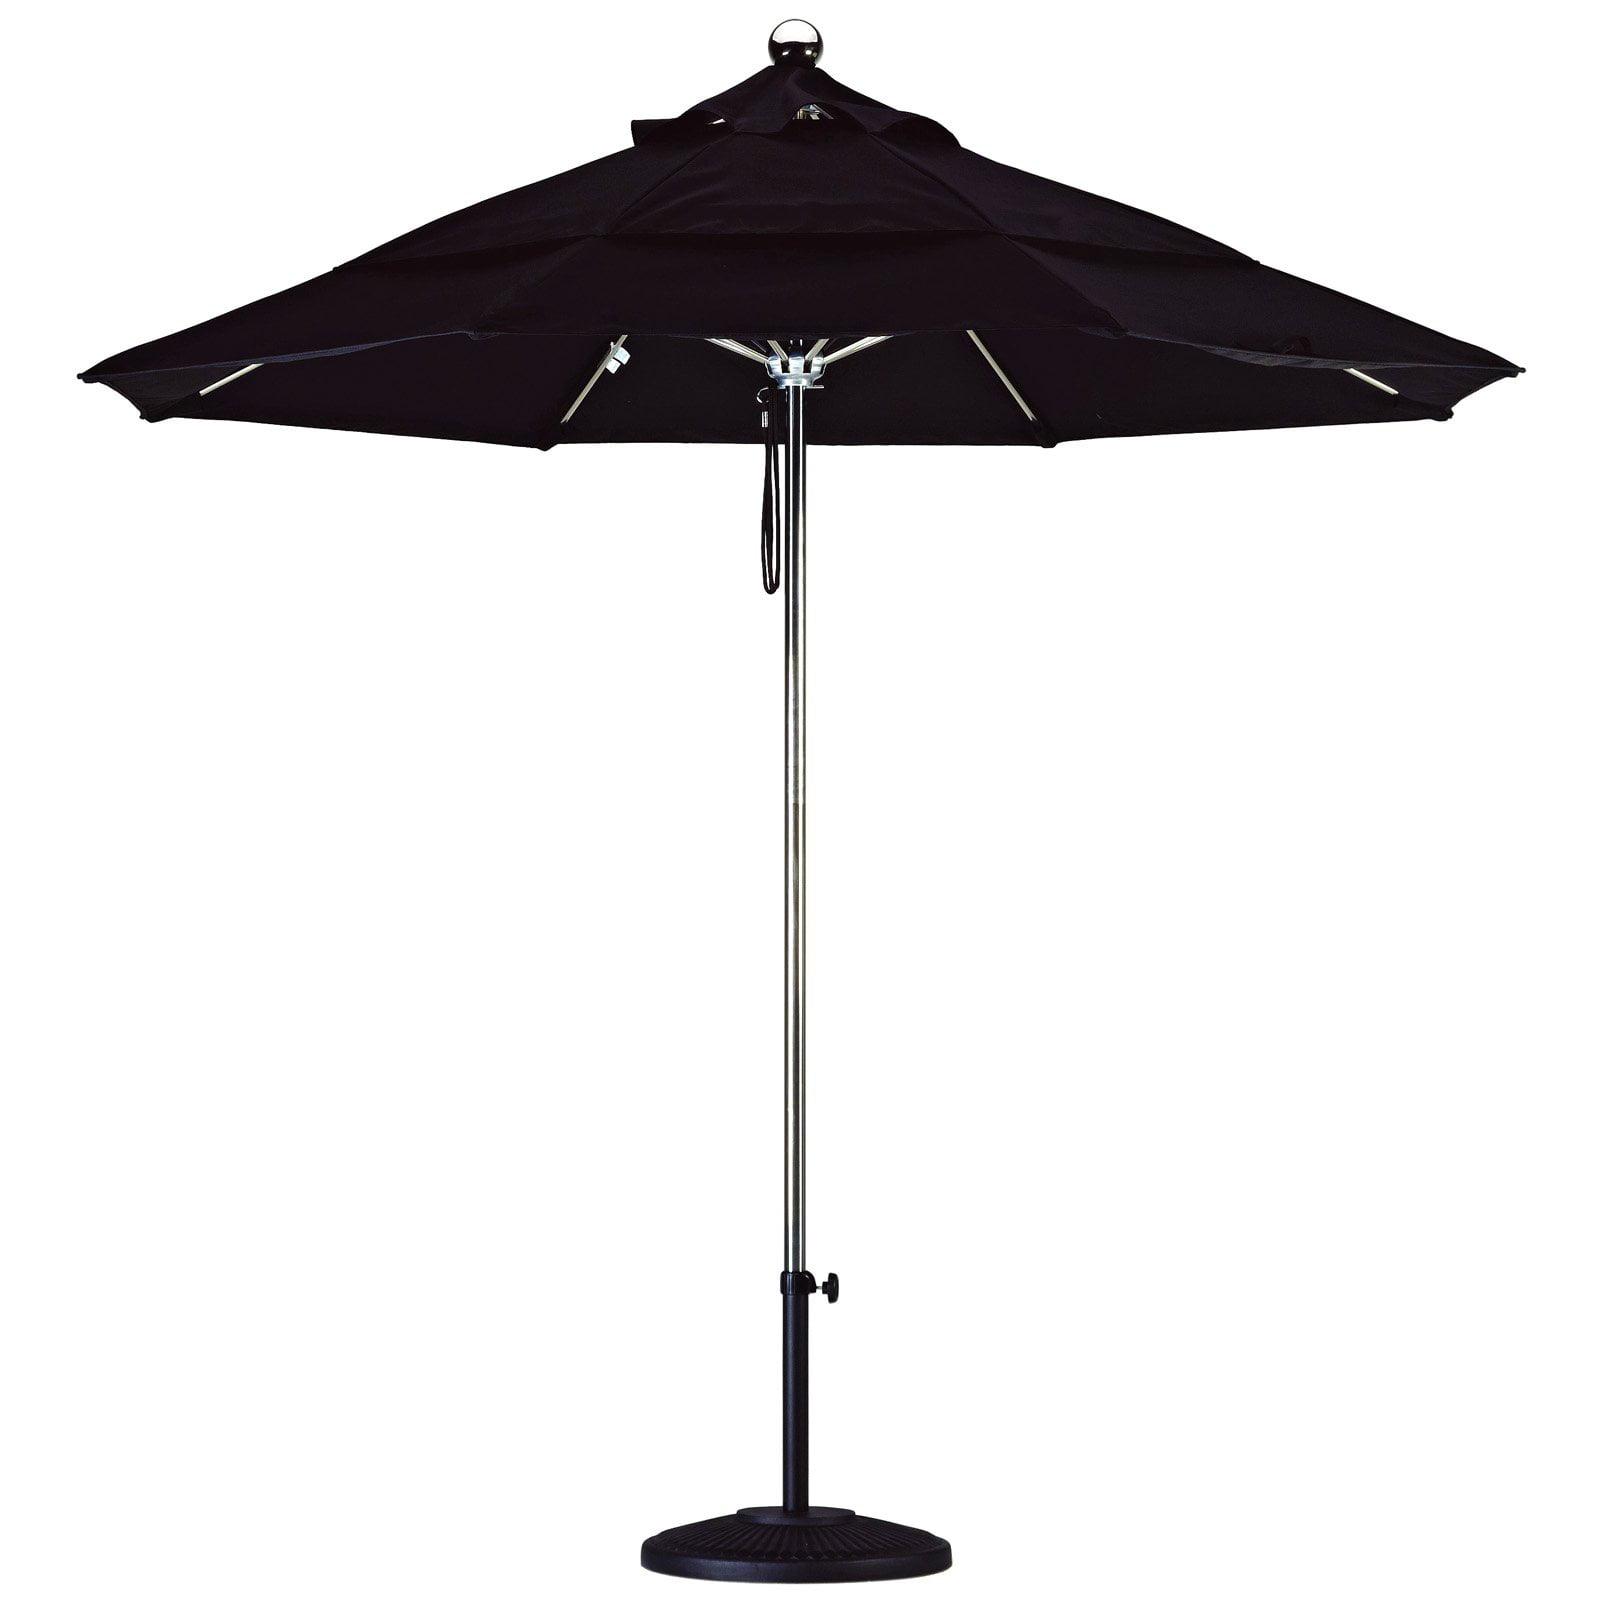 California Umbrella 9-ft. Steel and Fiberglass Market Umbrella